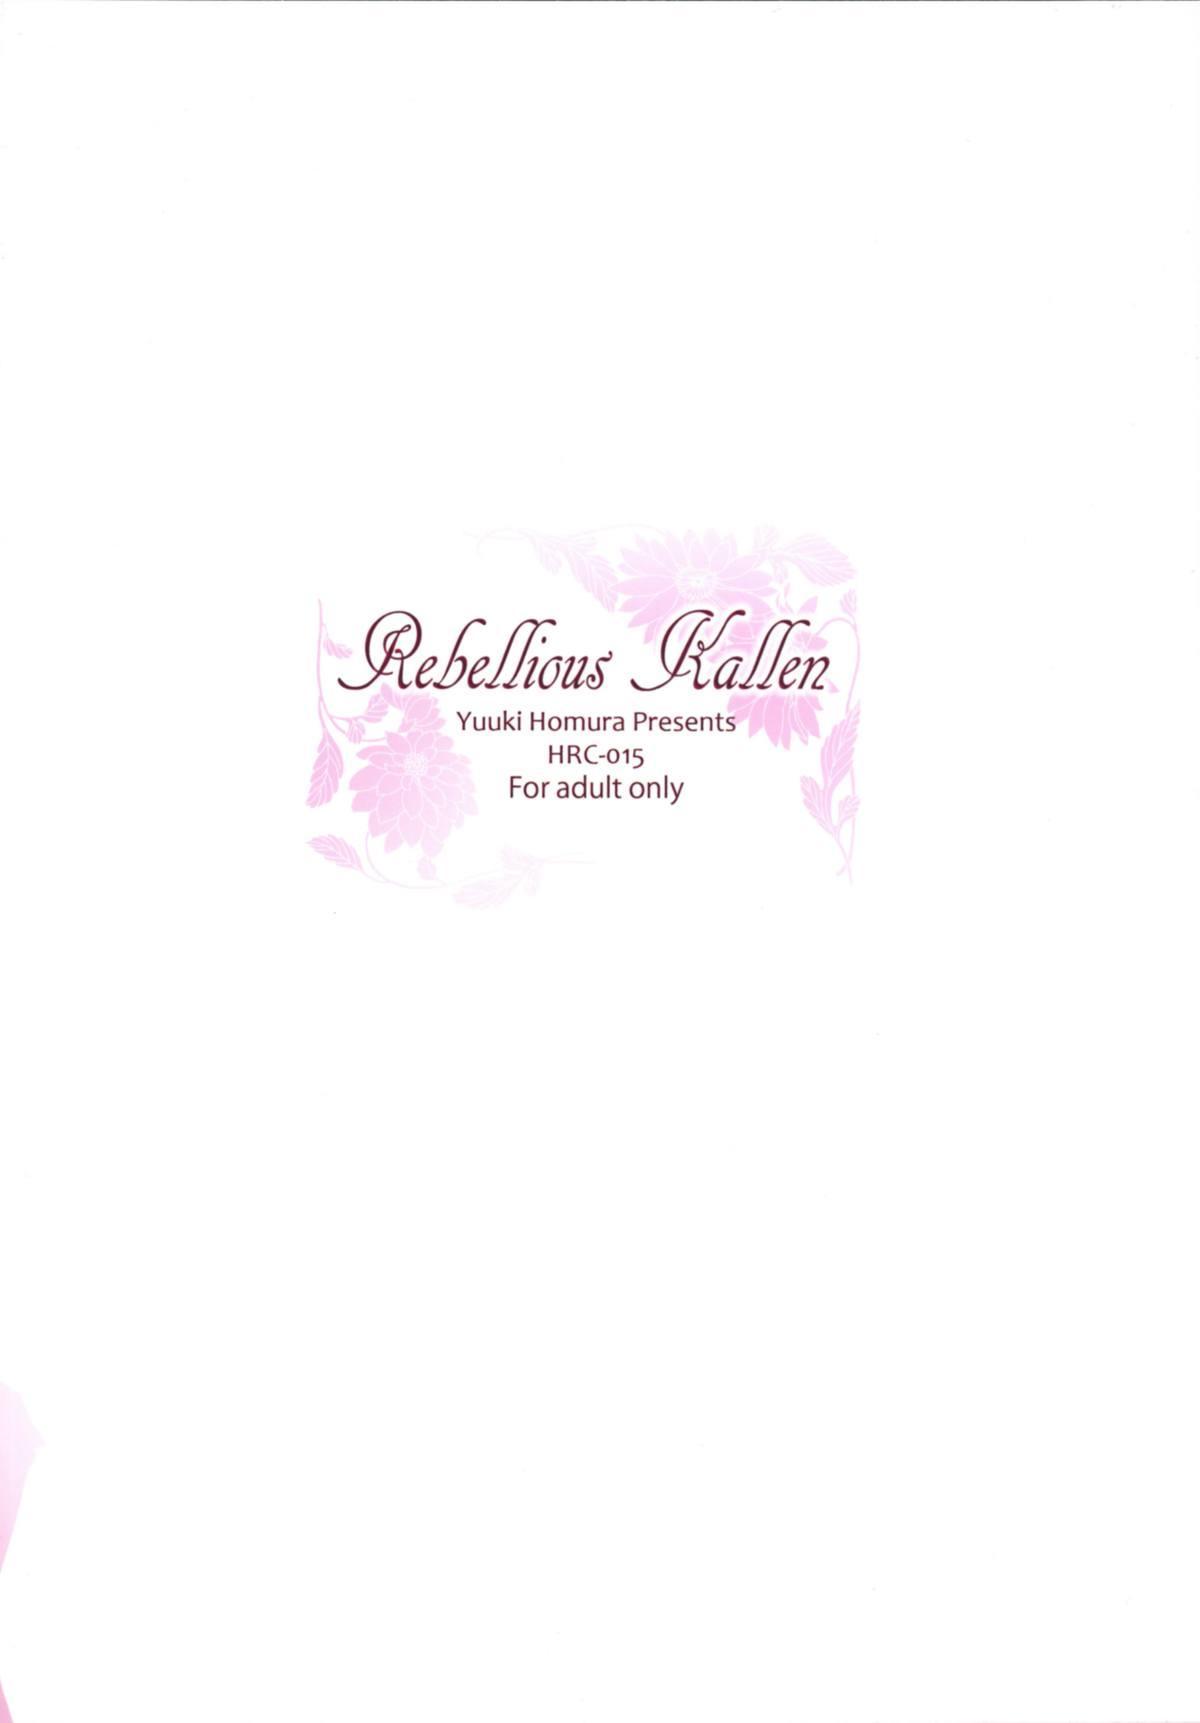 Rebellious Kallen 21